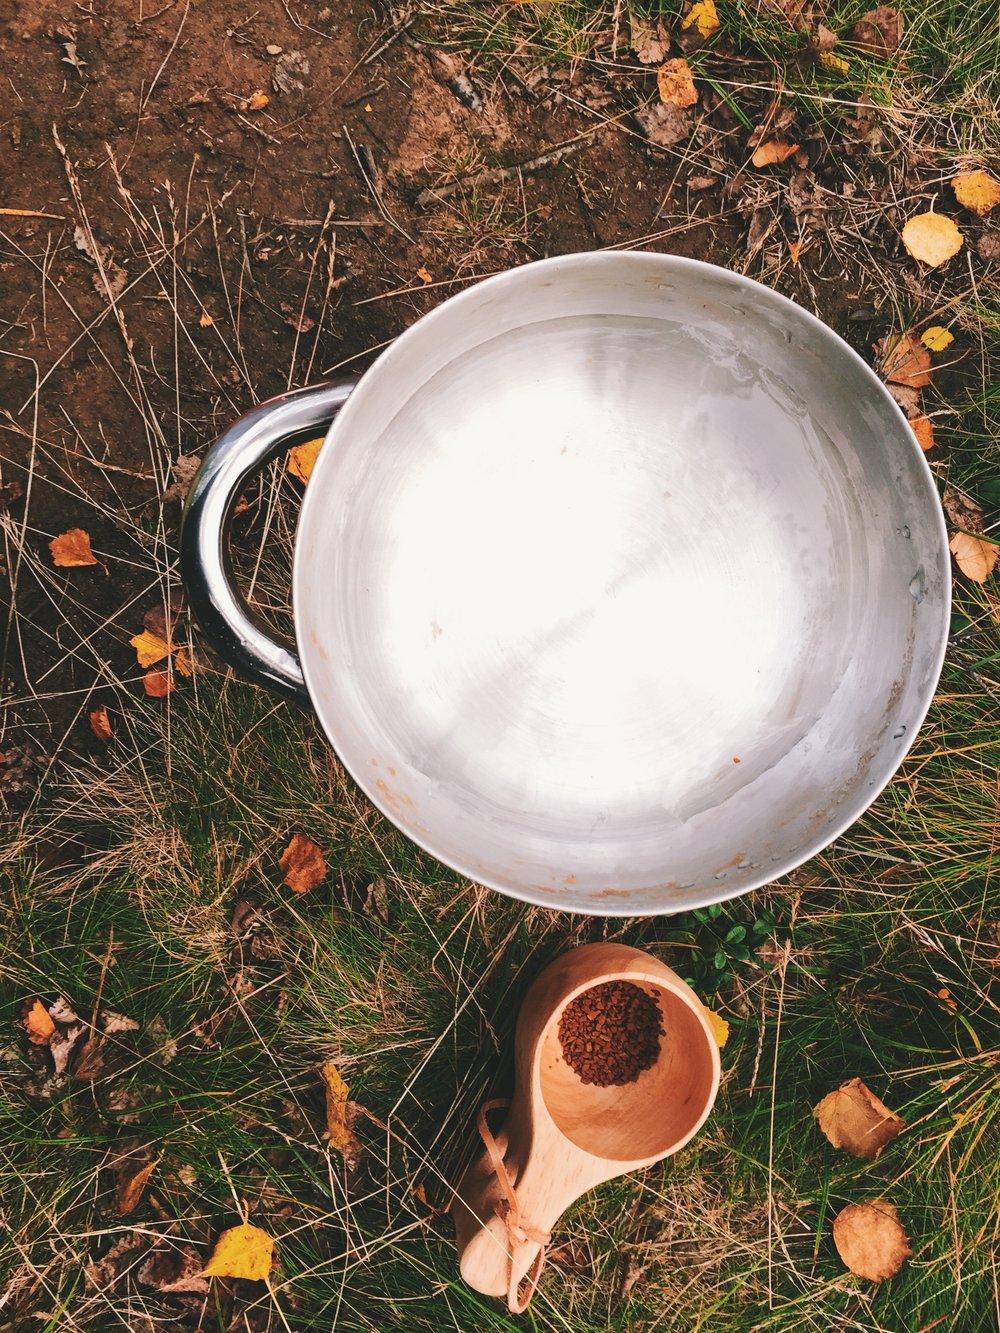 morgenliches Ritual: Wasser für den Kaffee kochen